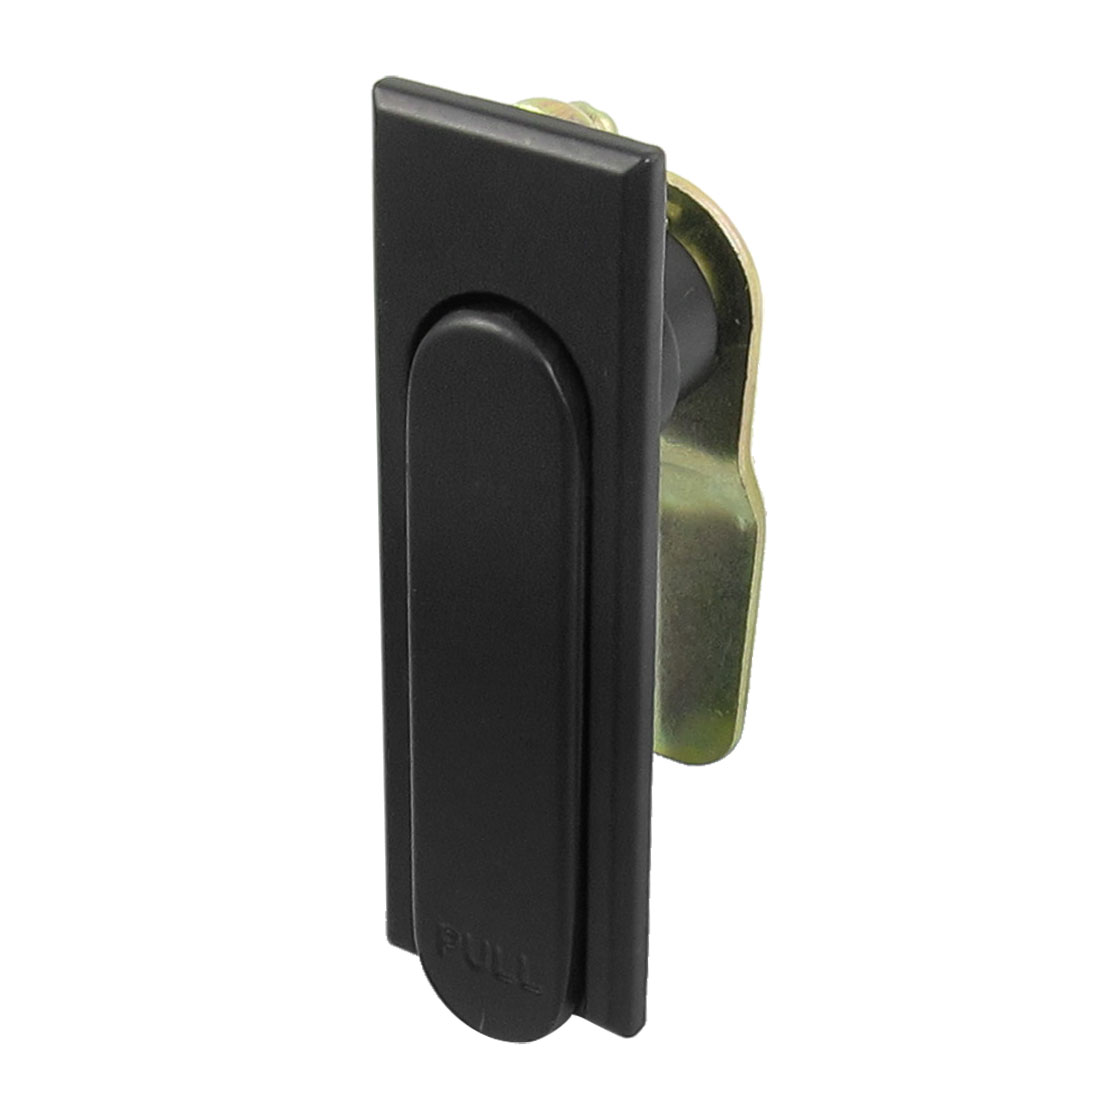 Black Metal Panel Store Cabinet Door Replacement Security Plane Cam Lock